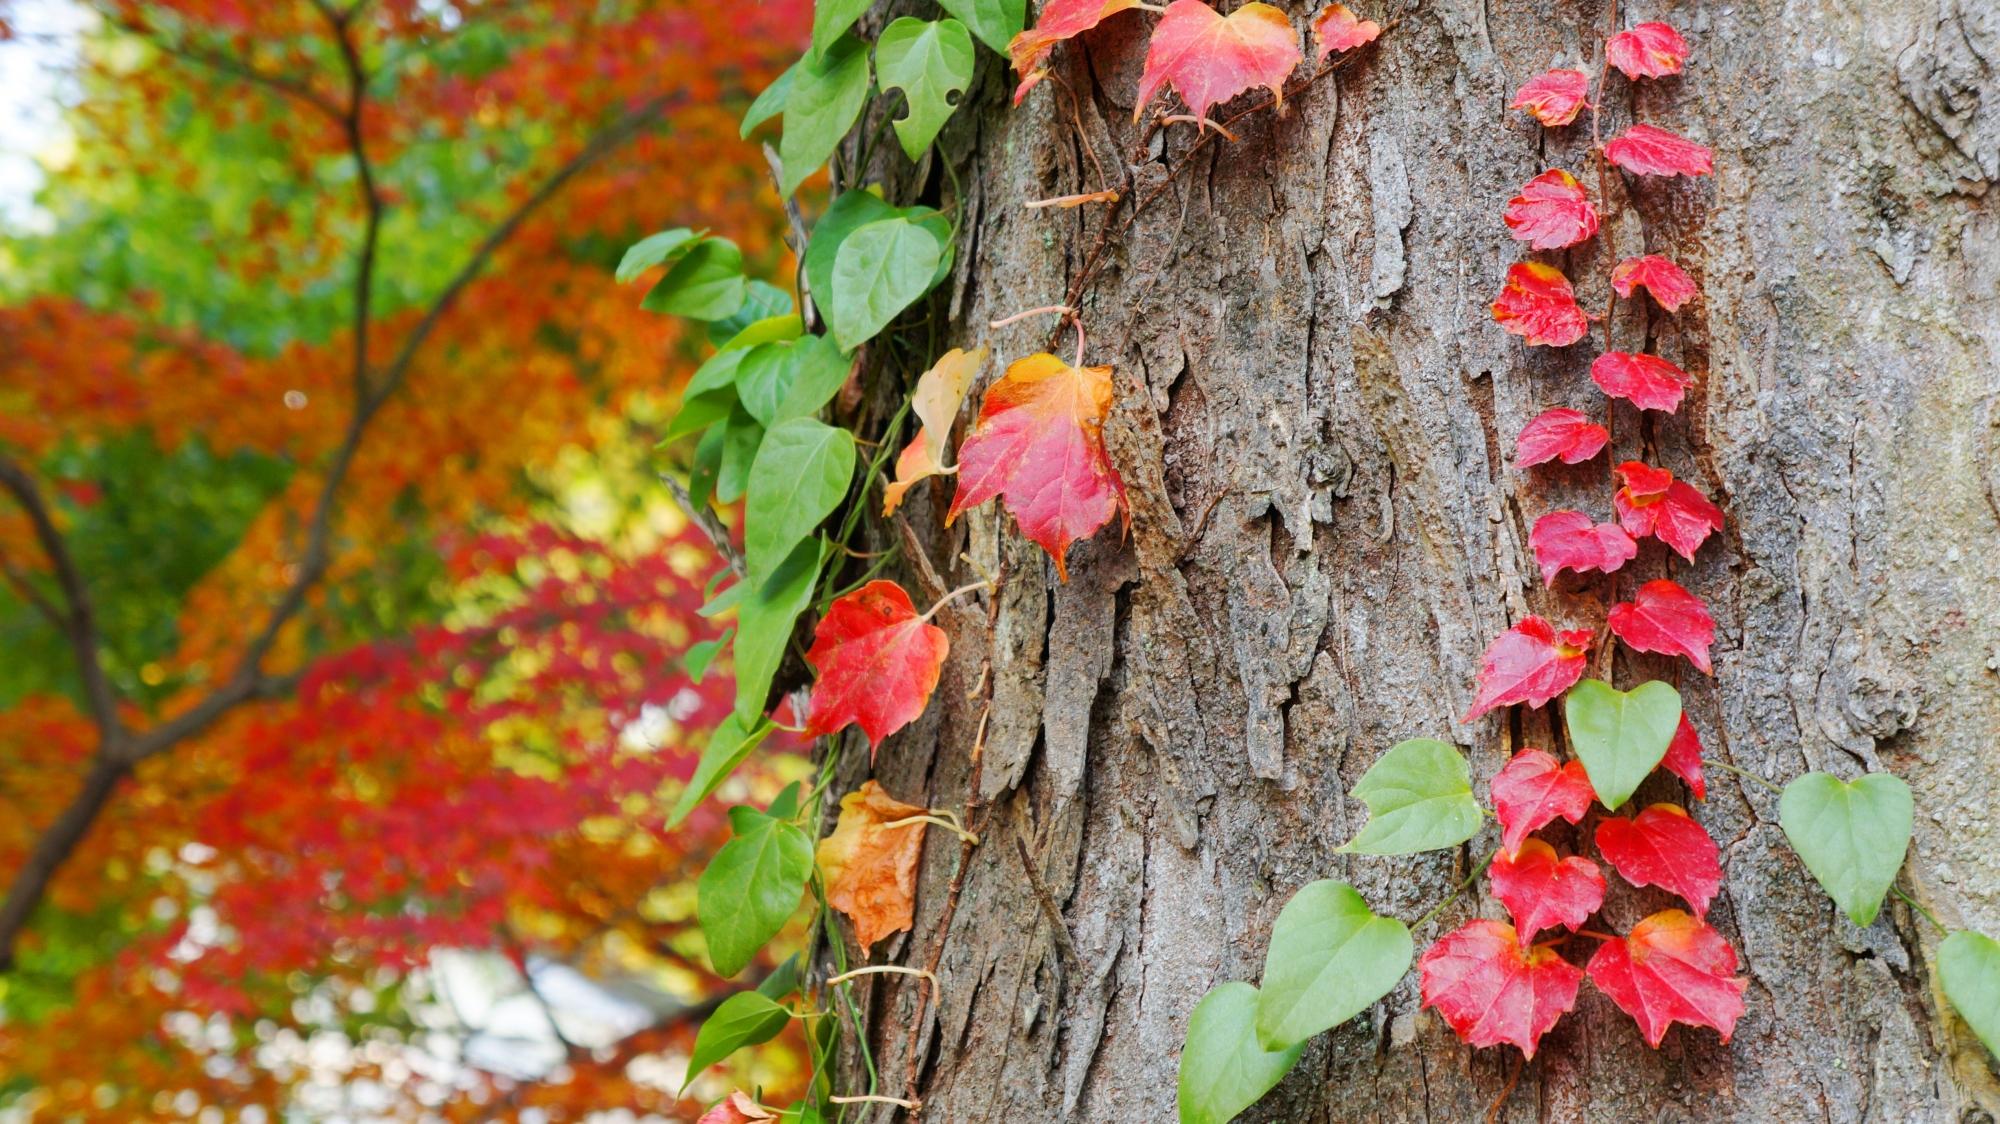 八坂神社の本殿付近の小さく可愛い紅葉